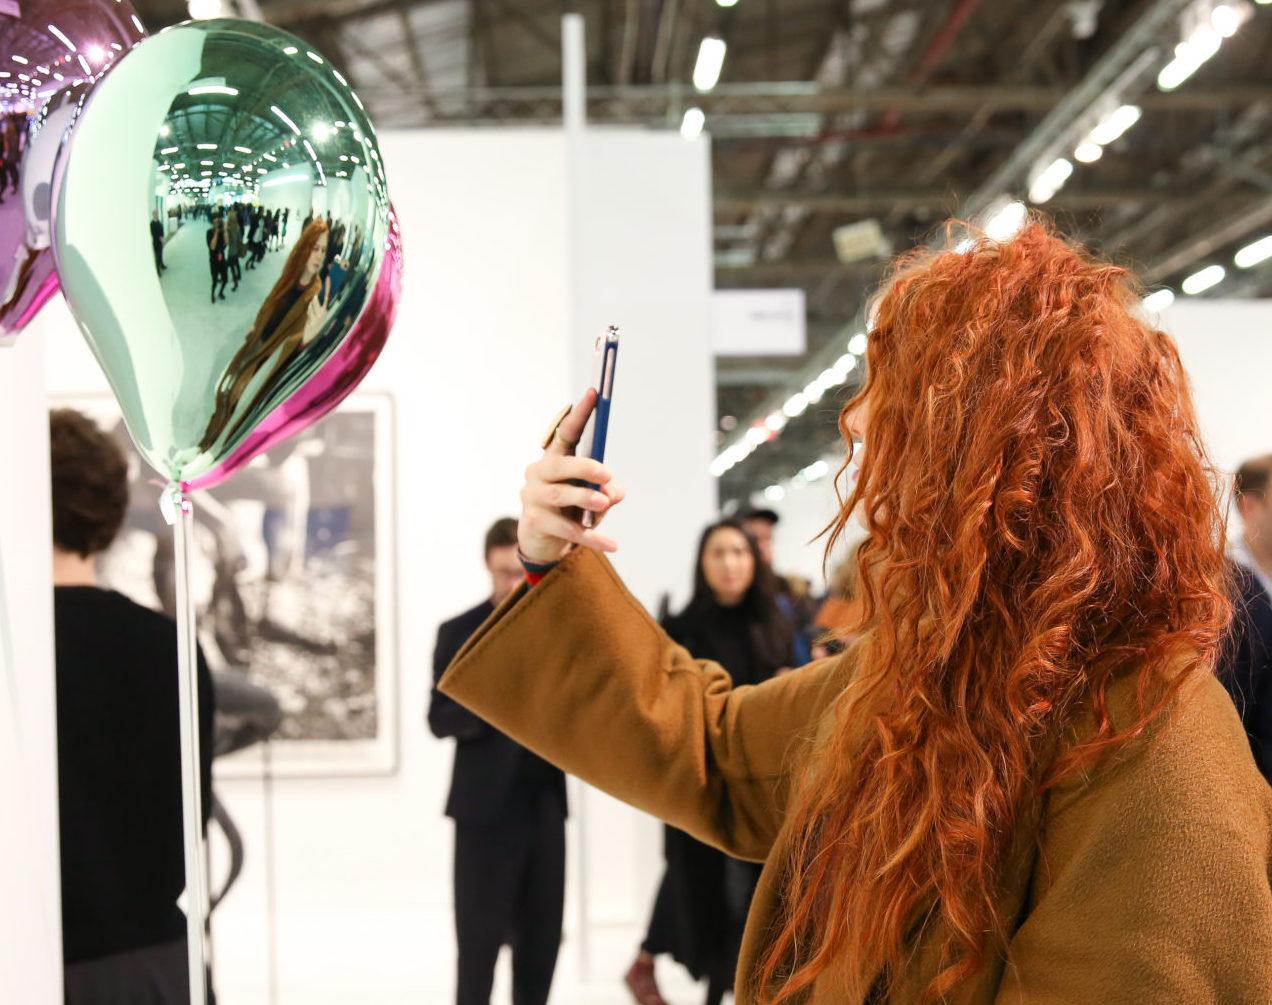 Márciusi vásárok New York-ban: drámák, majdnem happy enddel